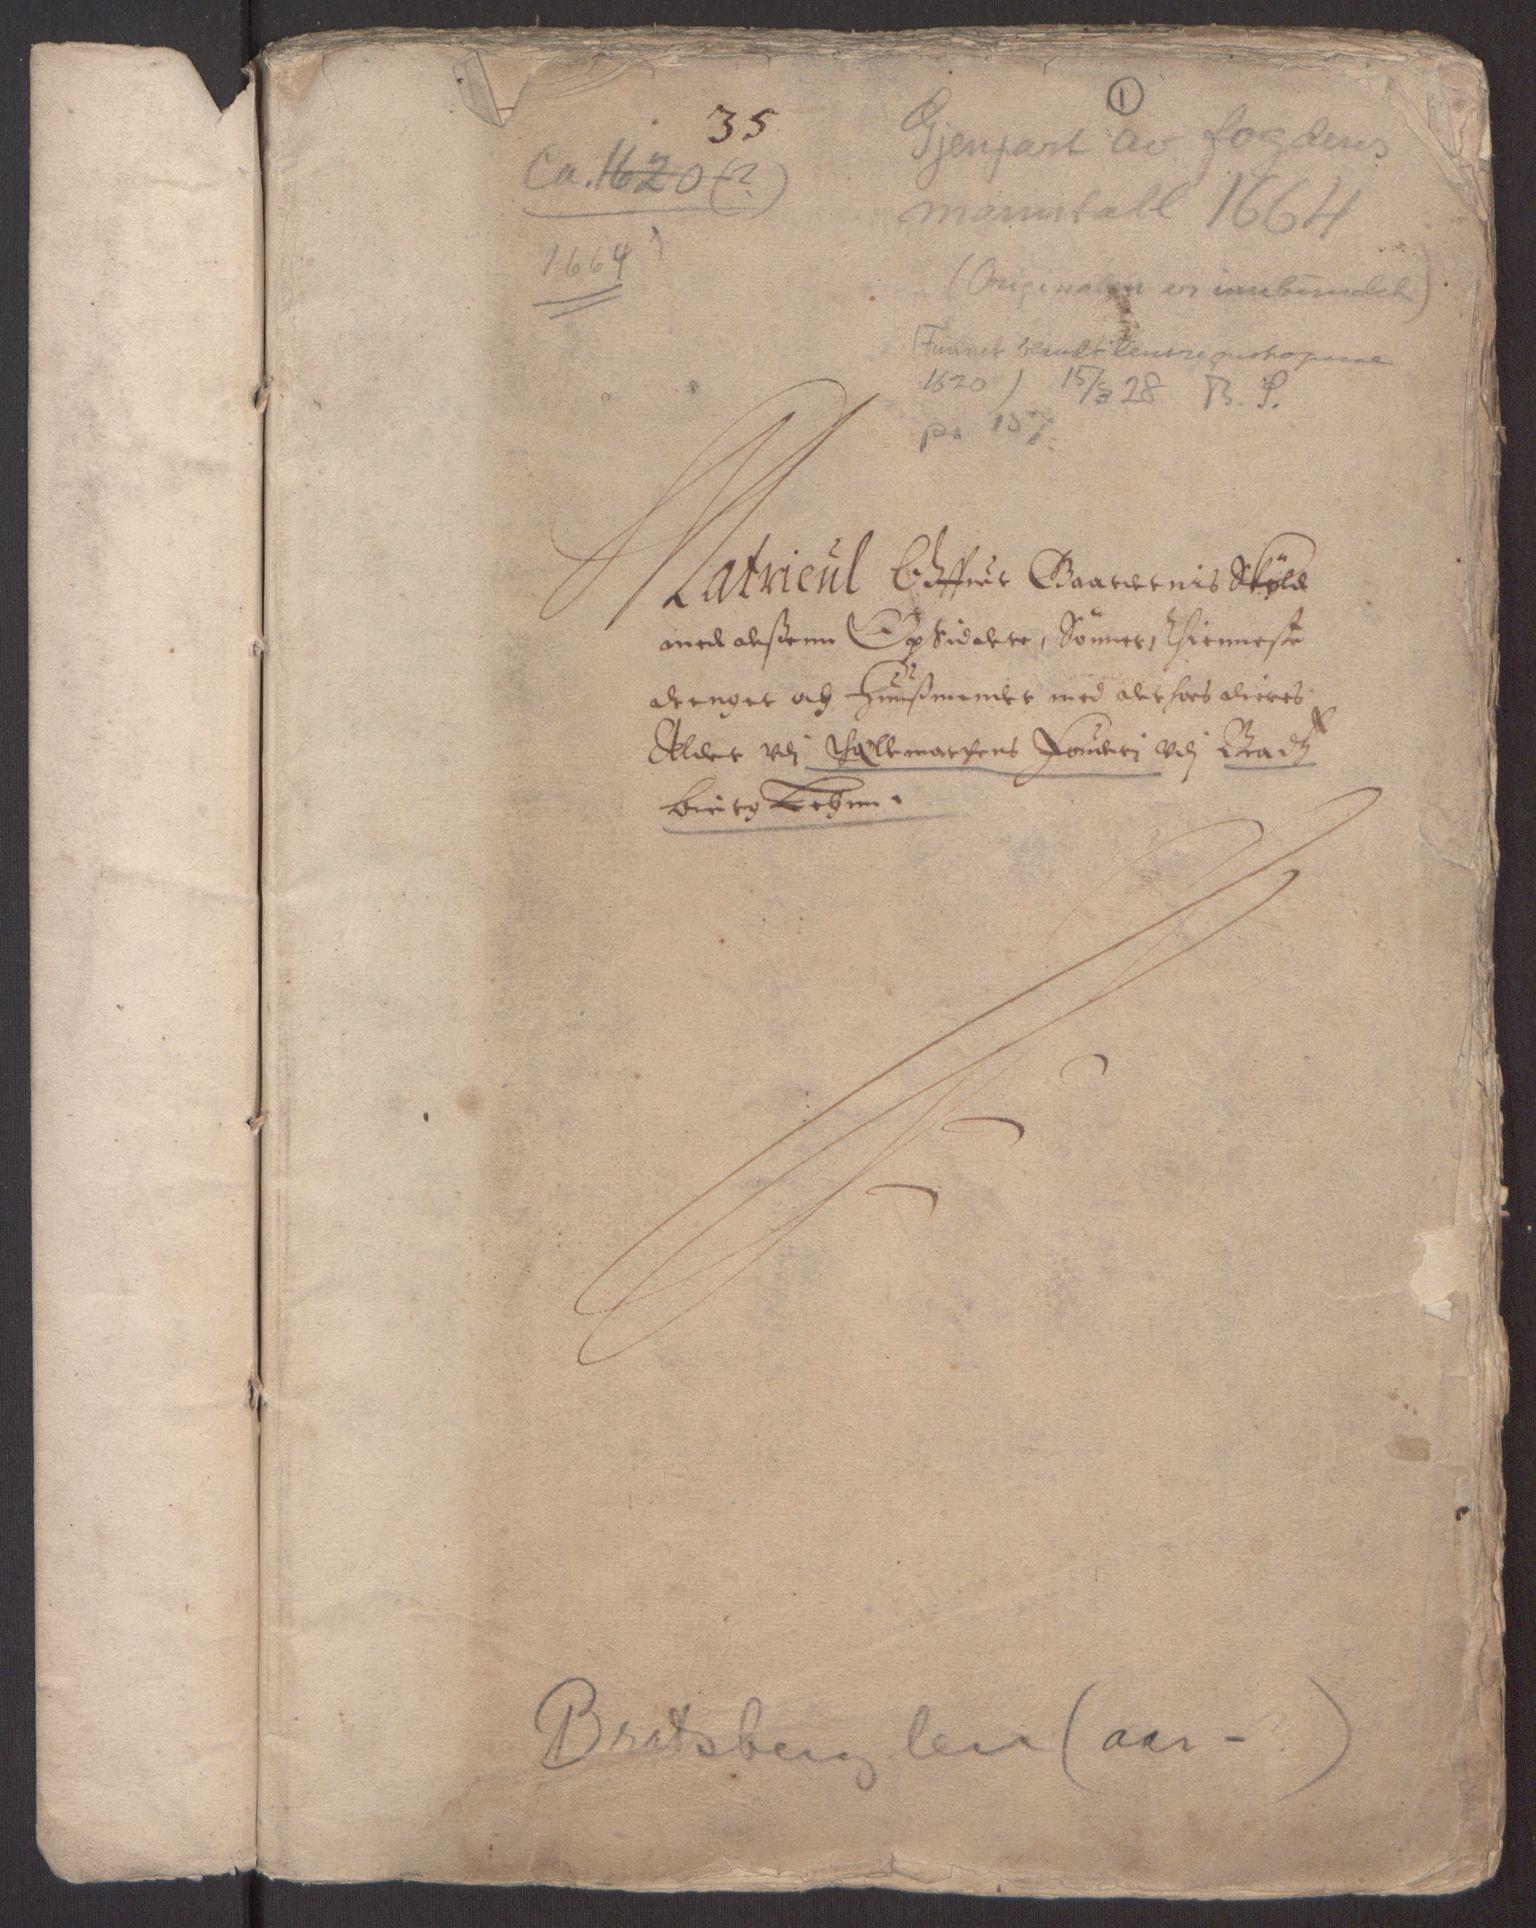 RA, Rentekammeret inntil 1814, Reviderte regnskaper, Fogderegnskap, R35/L2055: Fogderegnskap Øvre og Nedre Telemark, 1664, s. 344